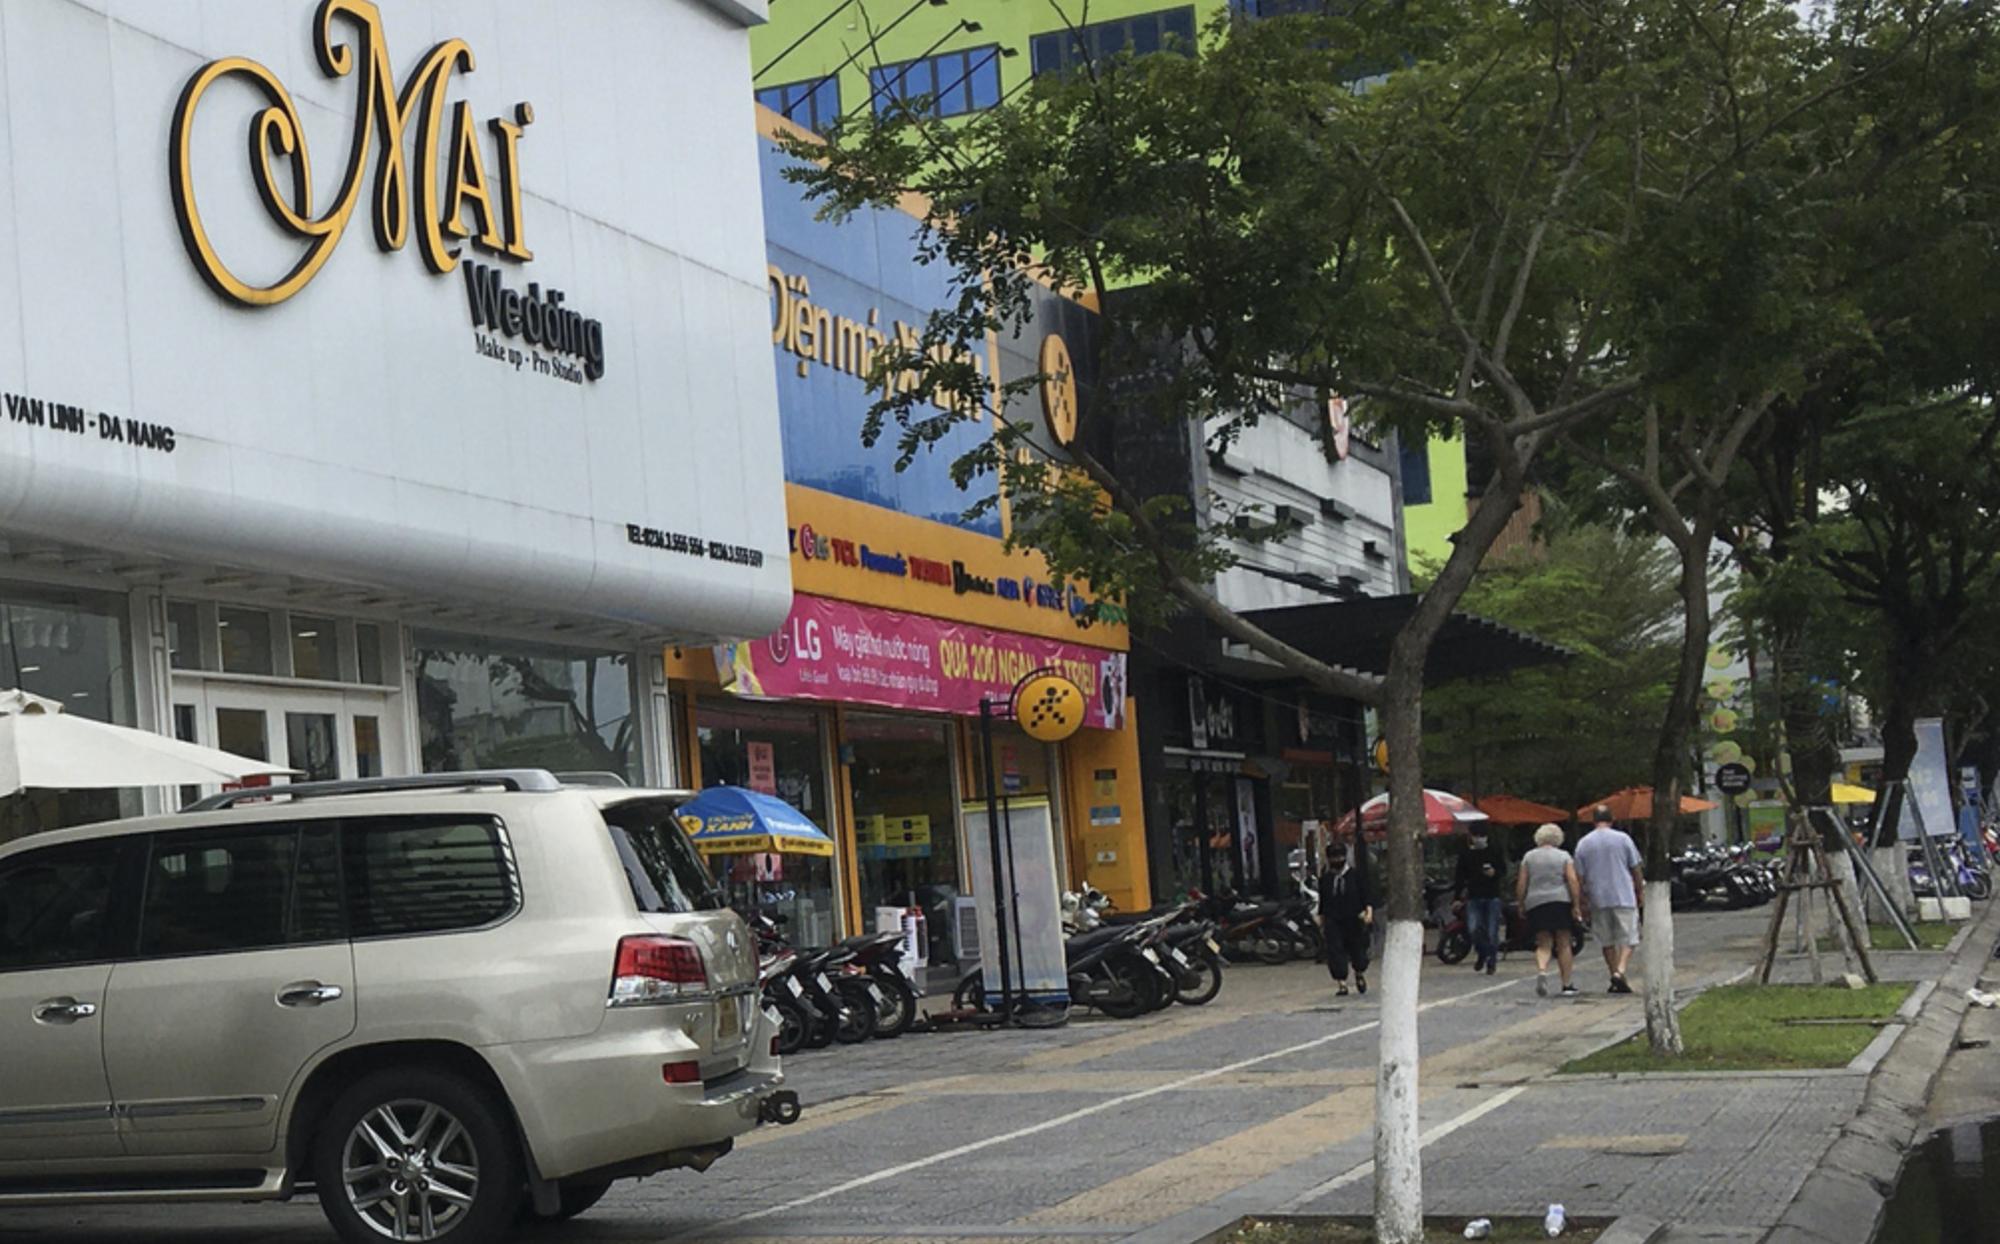 Thế Giới Di Động thông báo đóng cửa Điện Máy Xanh tại Đà Nẵng, mọi hoạt động khác vẫn diễn ra bình thường - Ảnh 1.